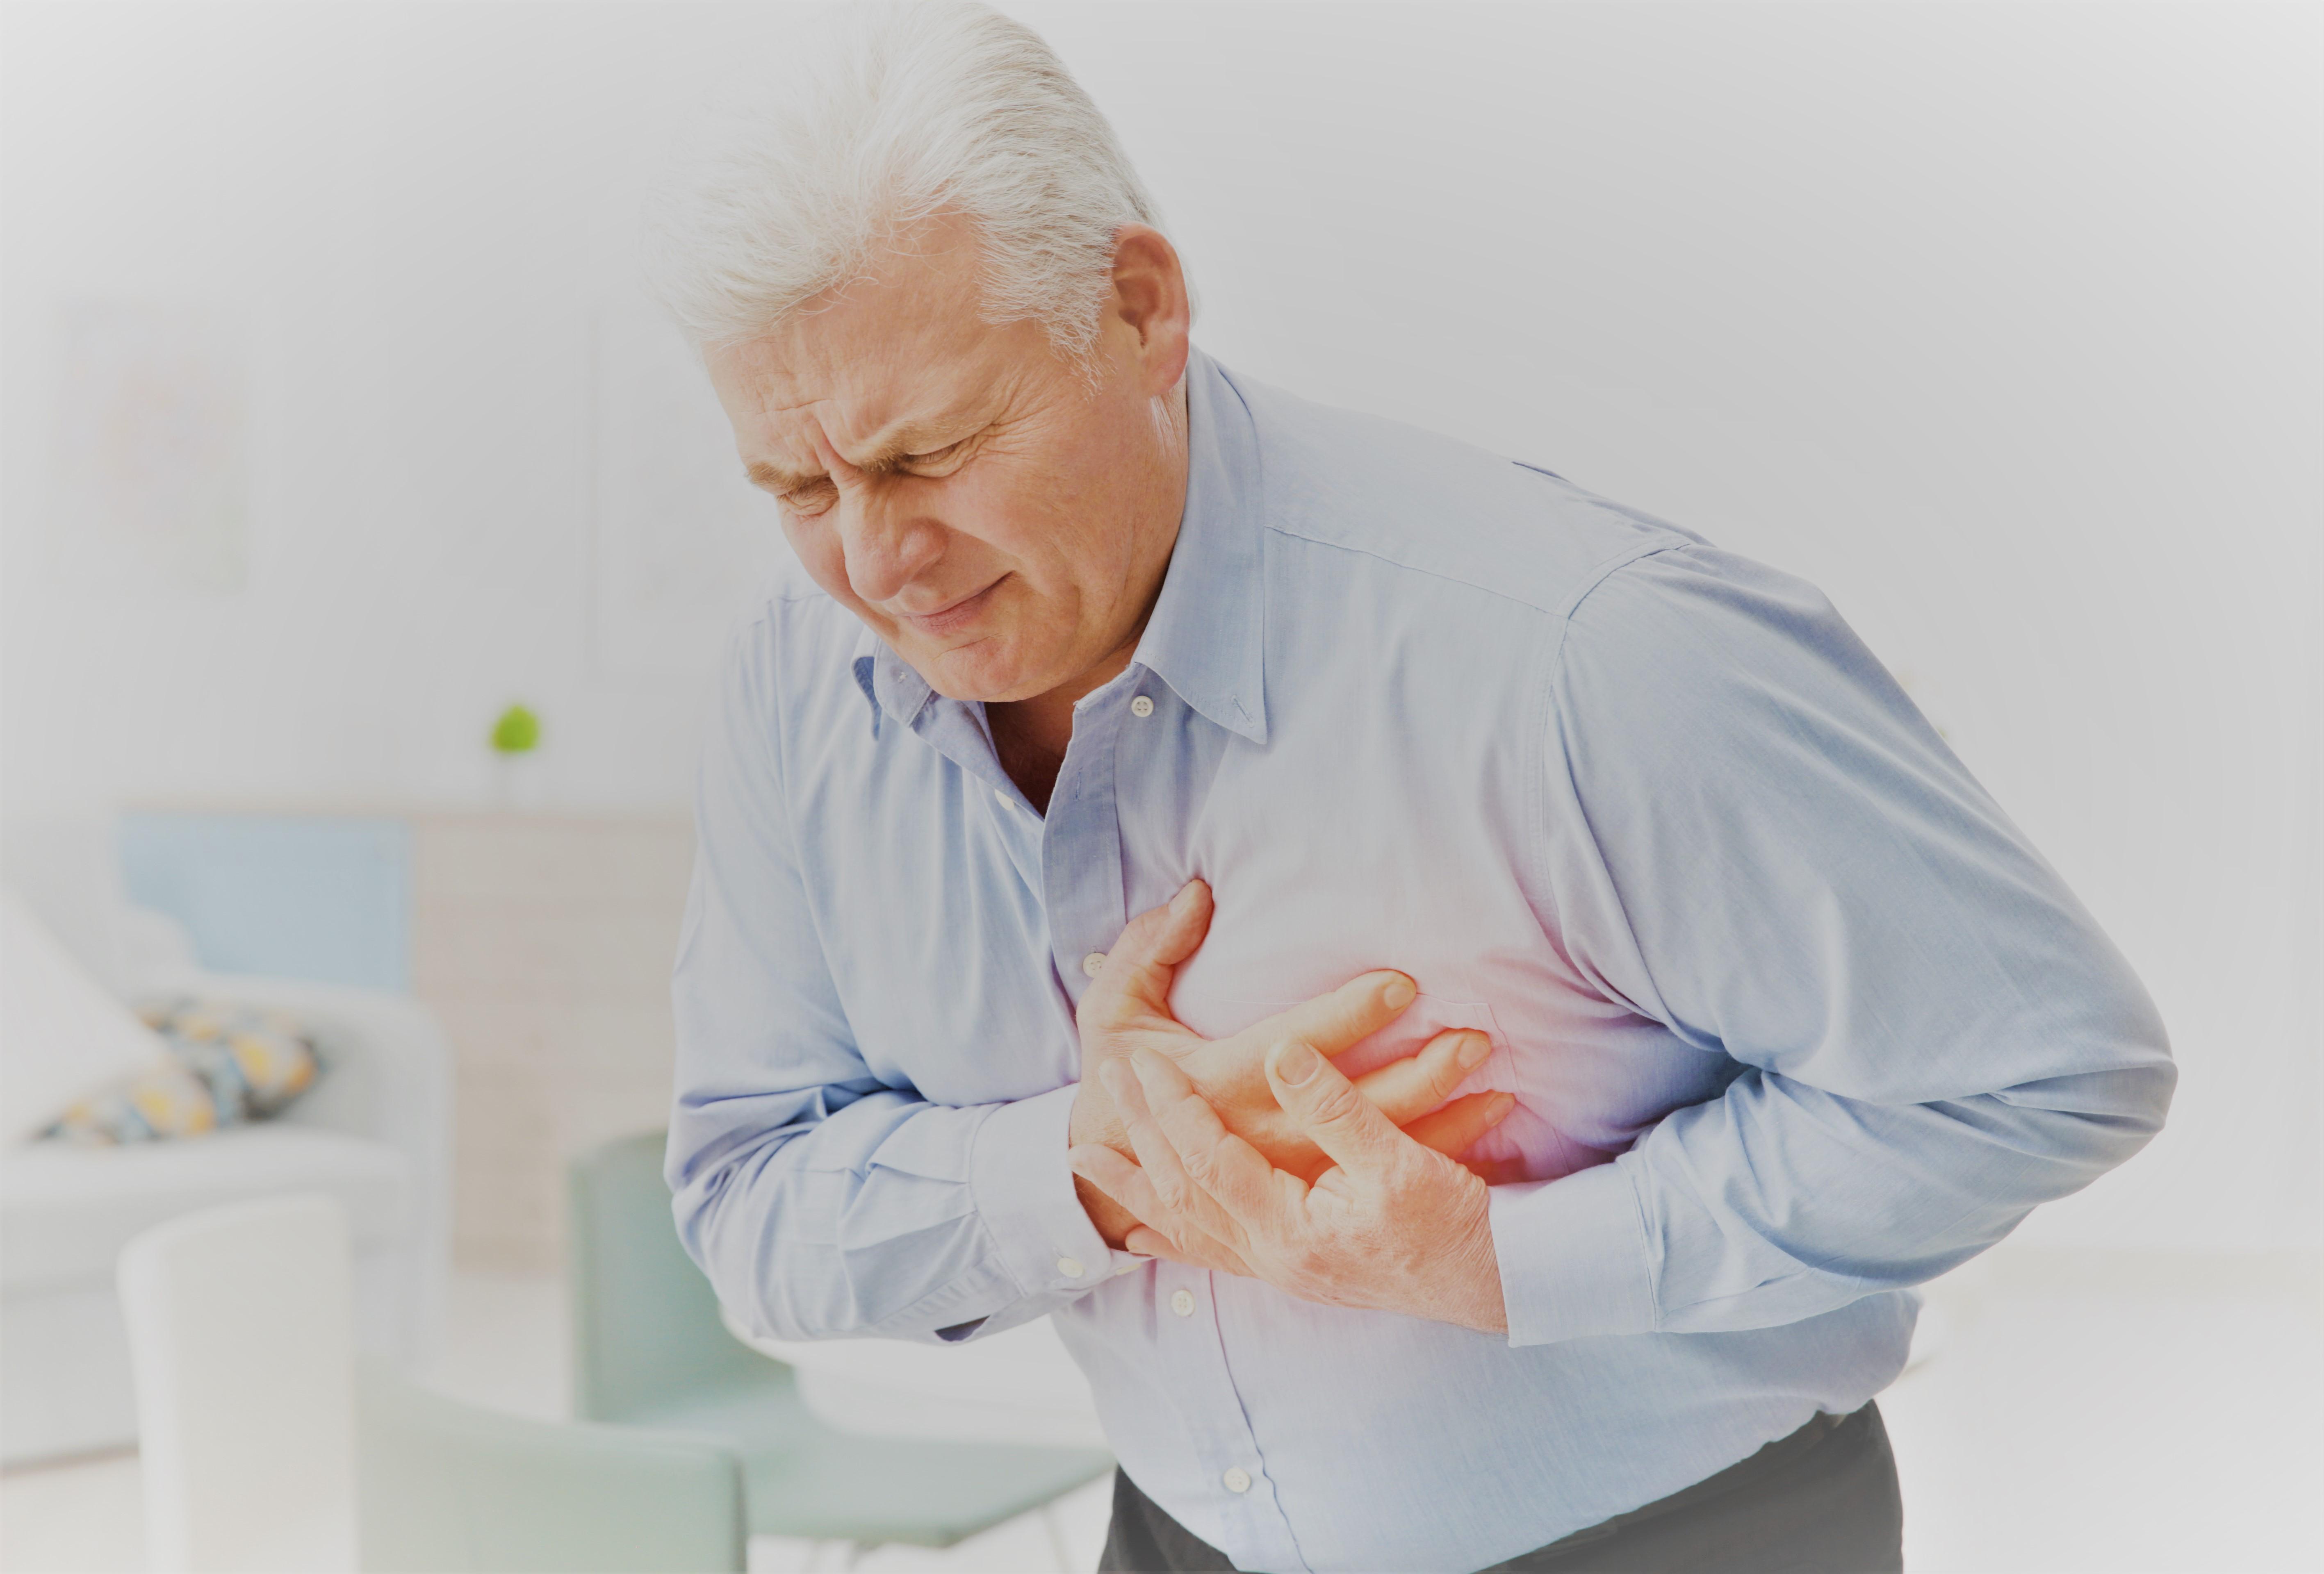 fájdalom az alsó hátán és az ízületekben, miközben feláll)